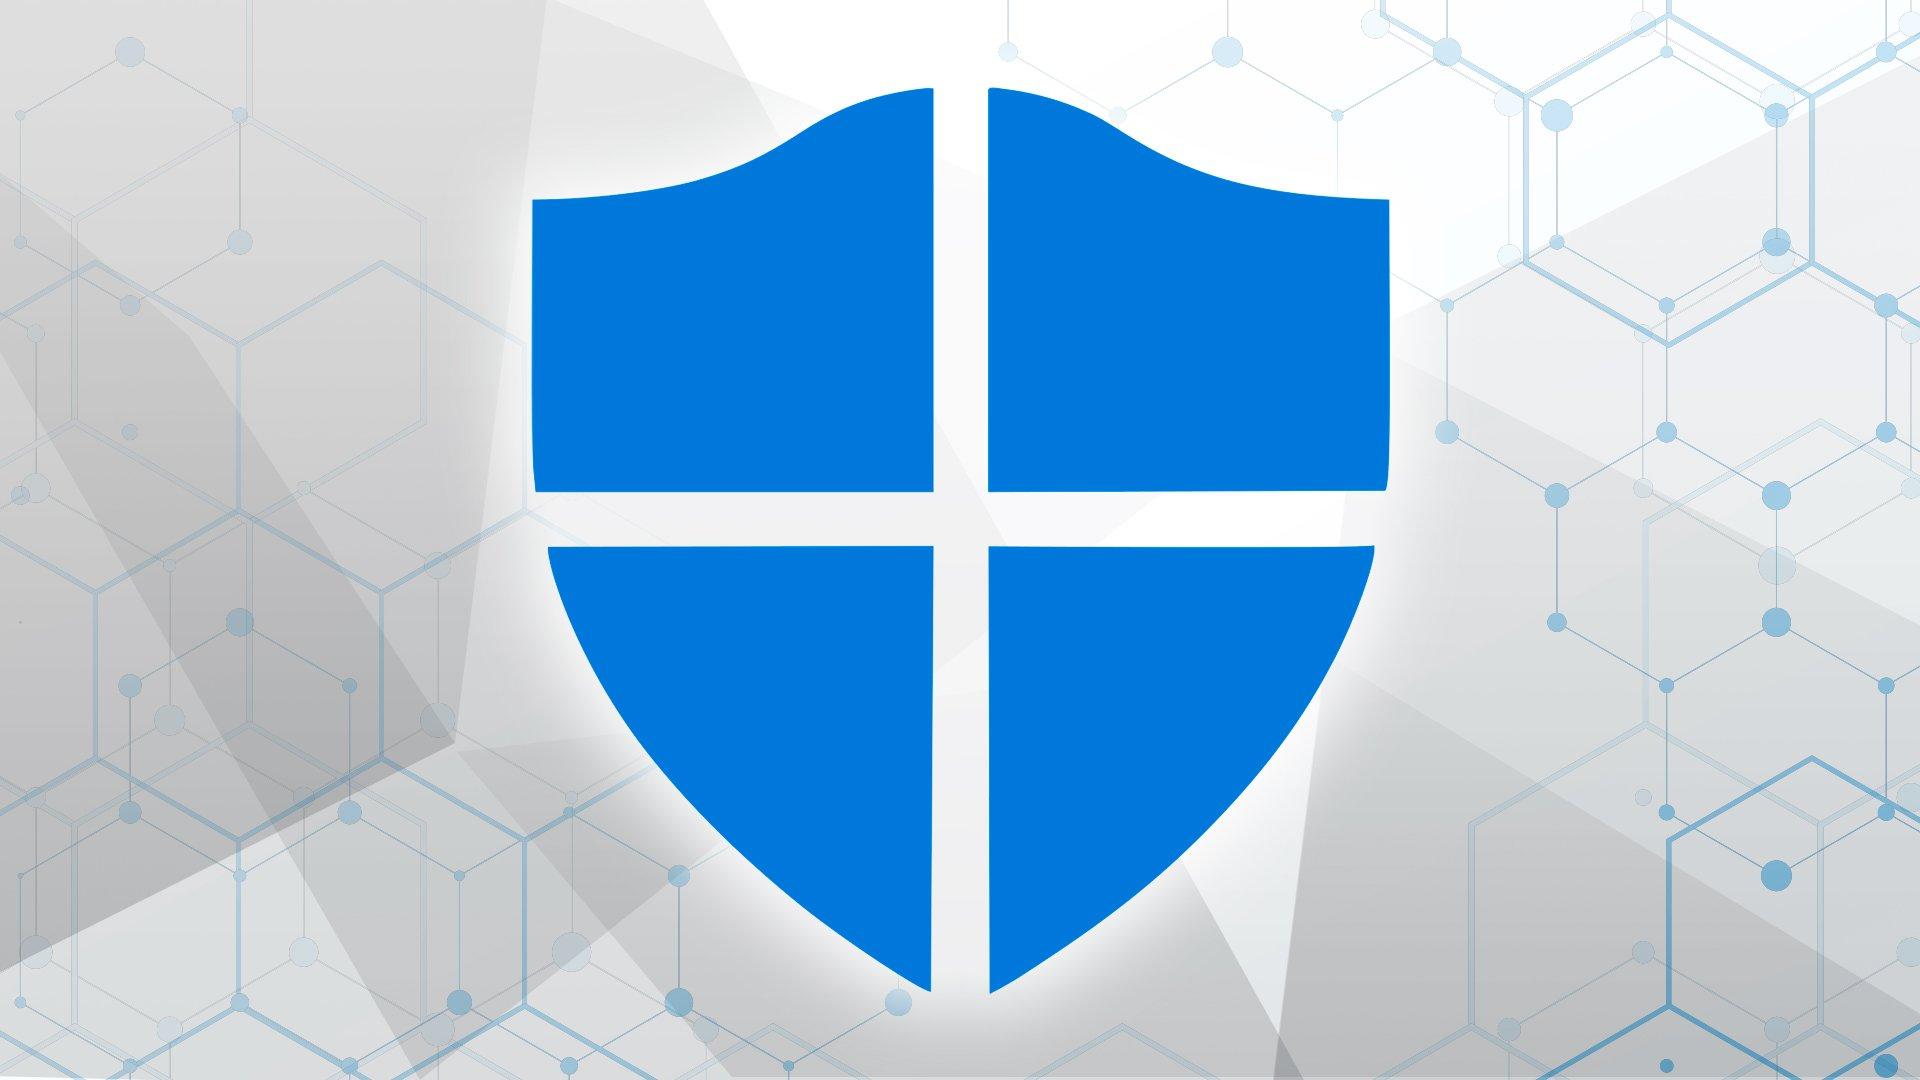 Sicherheit, Security, Schadsoftware, Antivirus, Cybersecurity, Anti-Virus, Windows Defender, anti-malware, Antivirensoftware, Defender, Anti-Viren-Software, Windows Defender Advanced Threat Protection, Microsoft Defender, Windows Antivirus, Windows Defender Security Center, Windows Schild